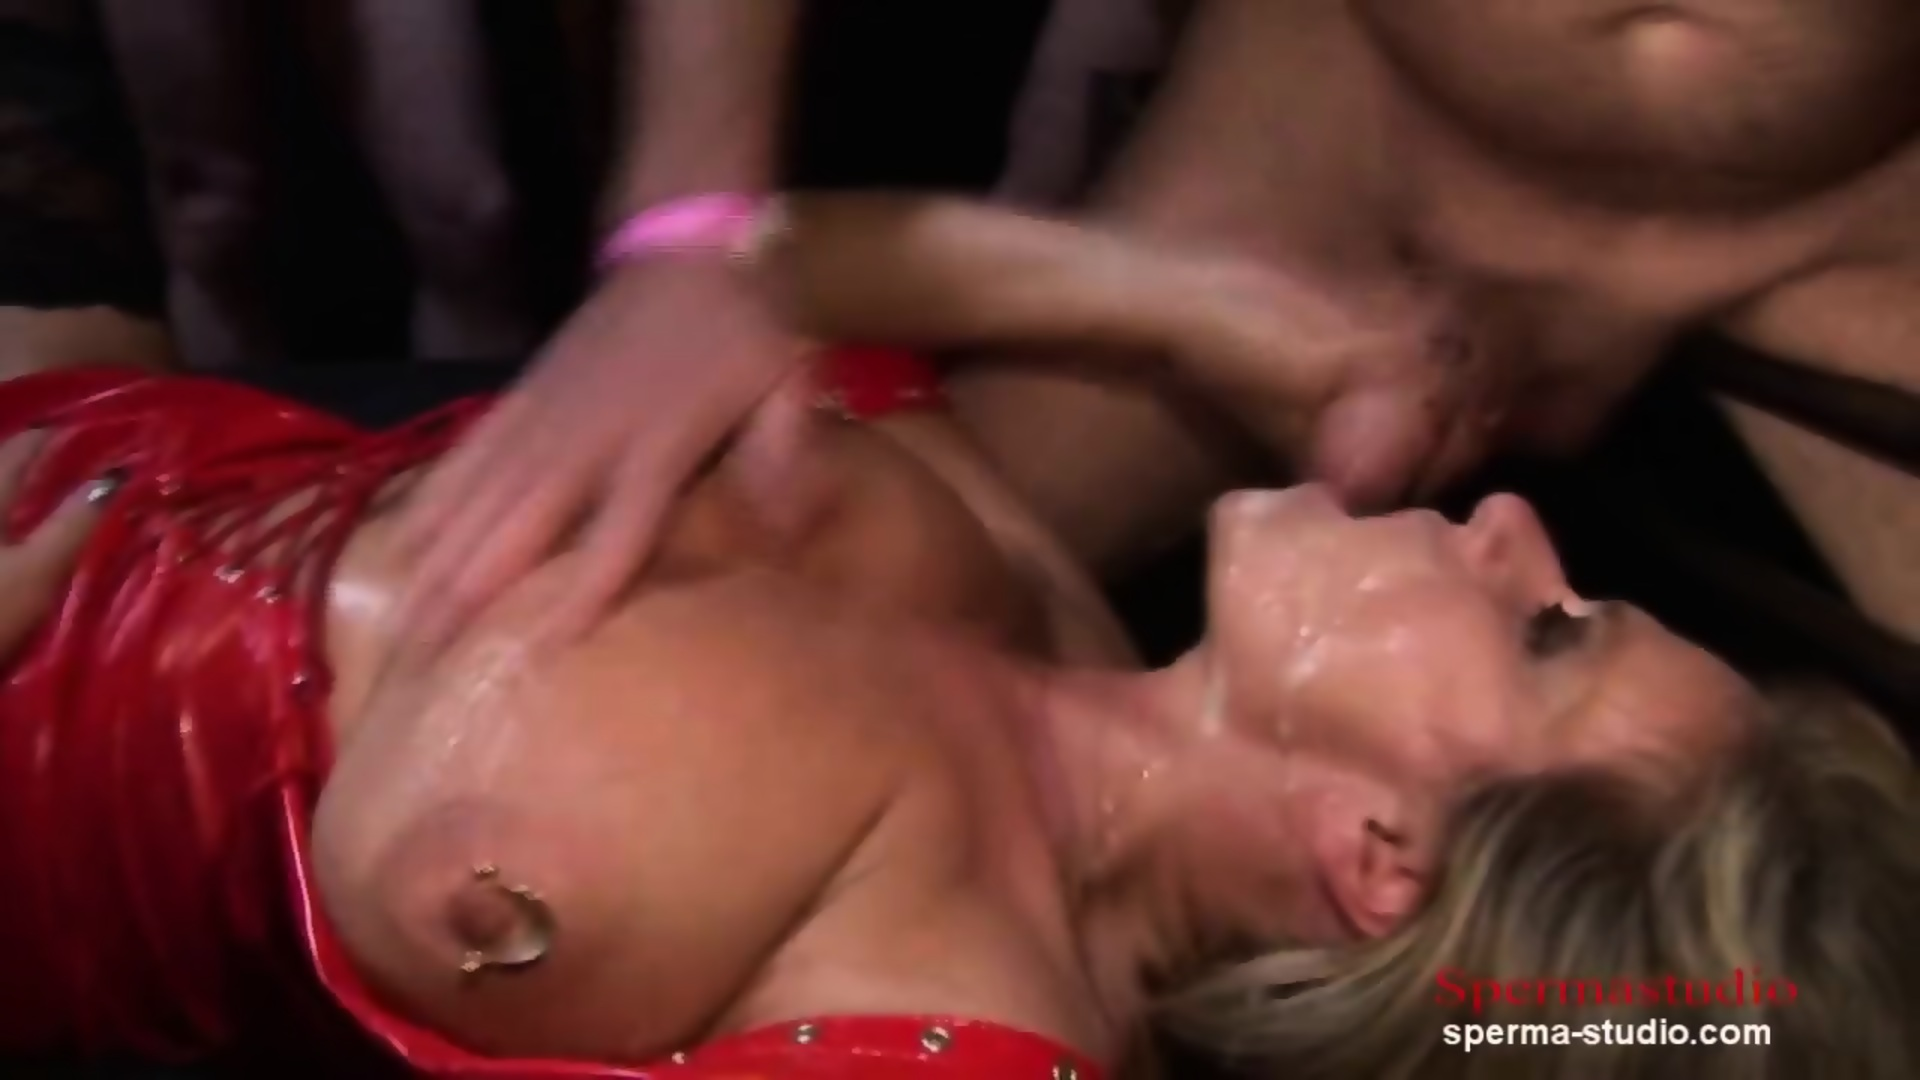 Free female nude photo